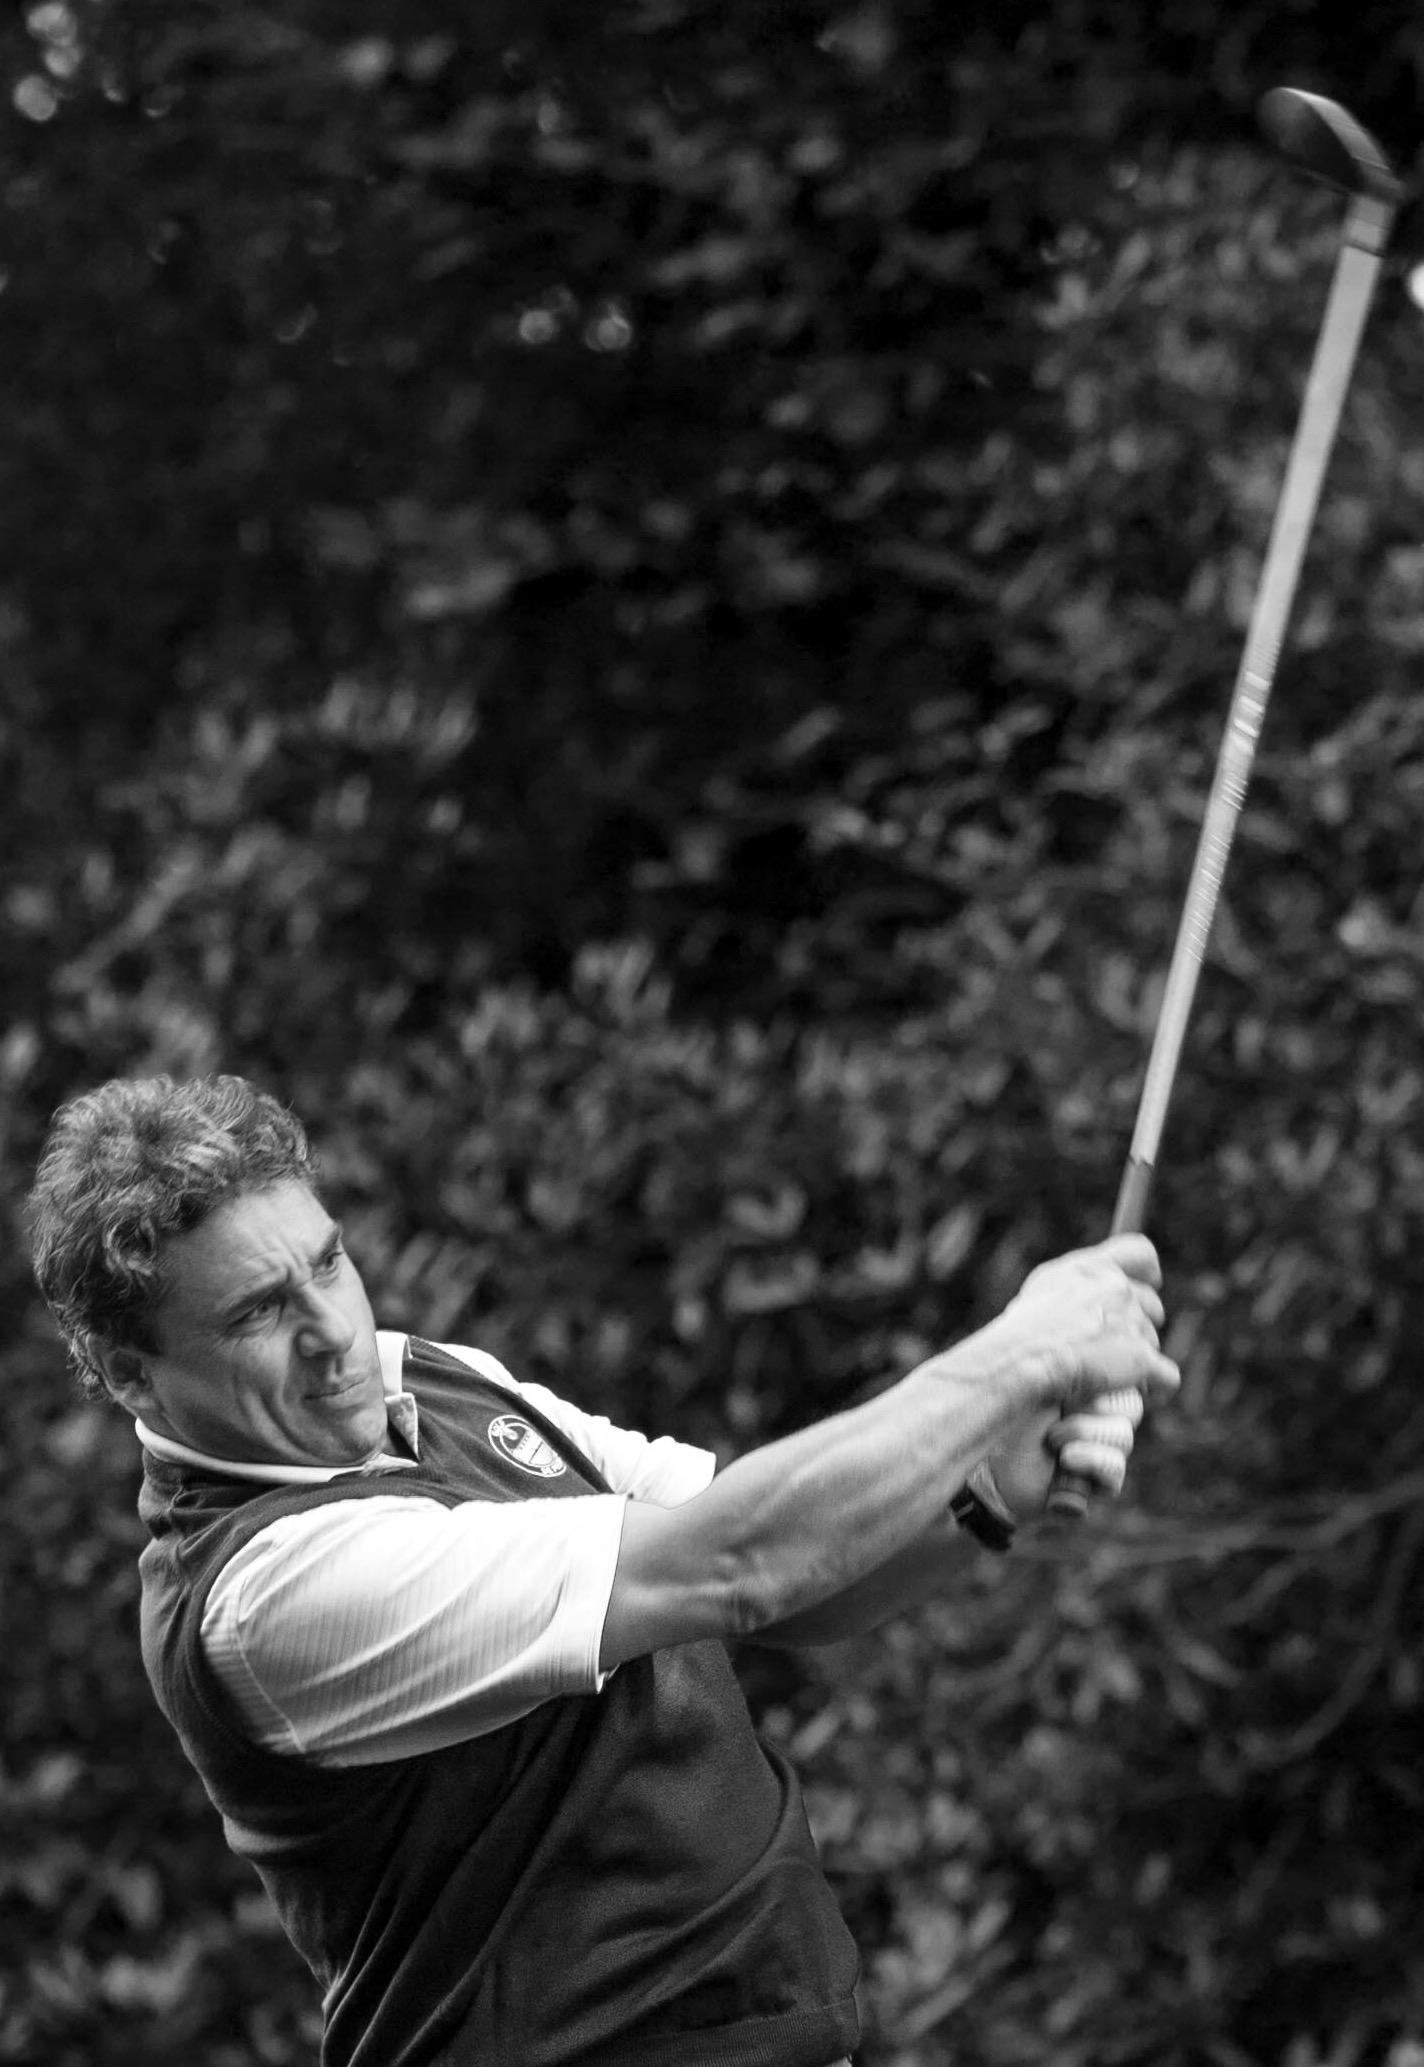 Avatar of golfer named Marco Diehl